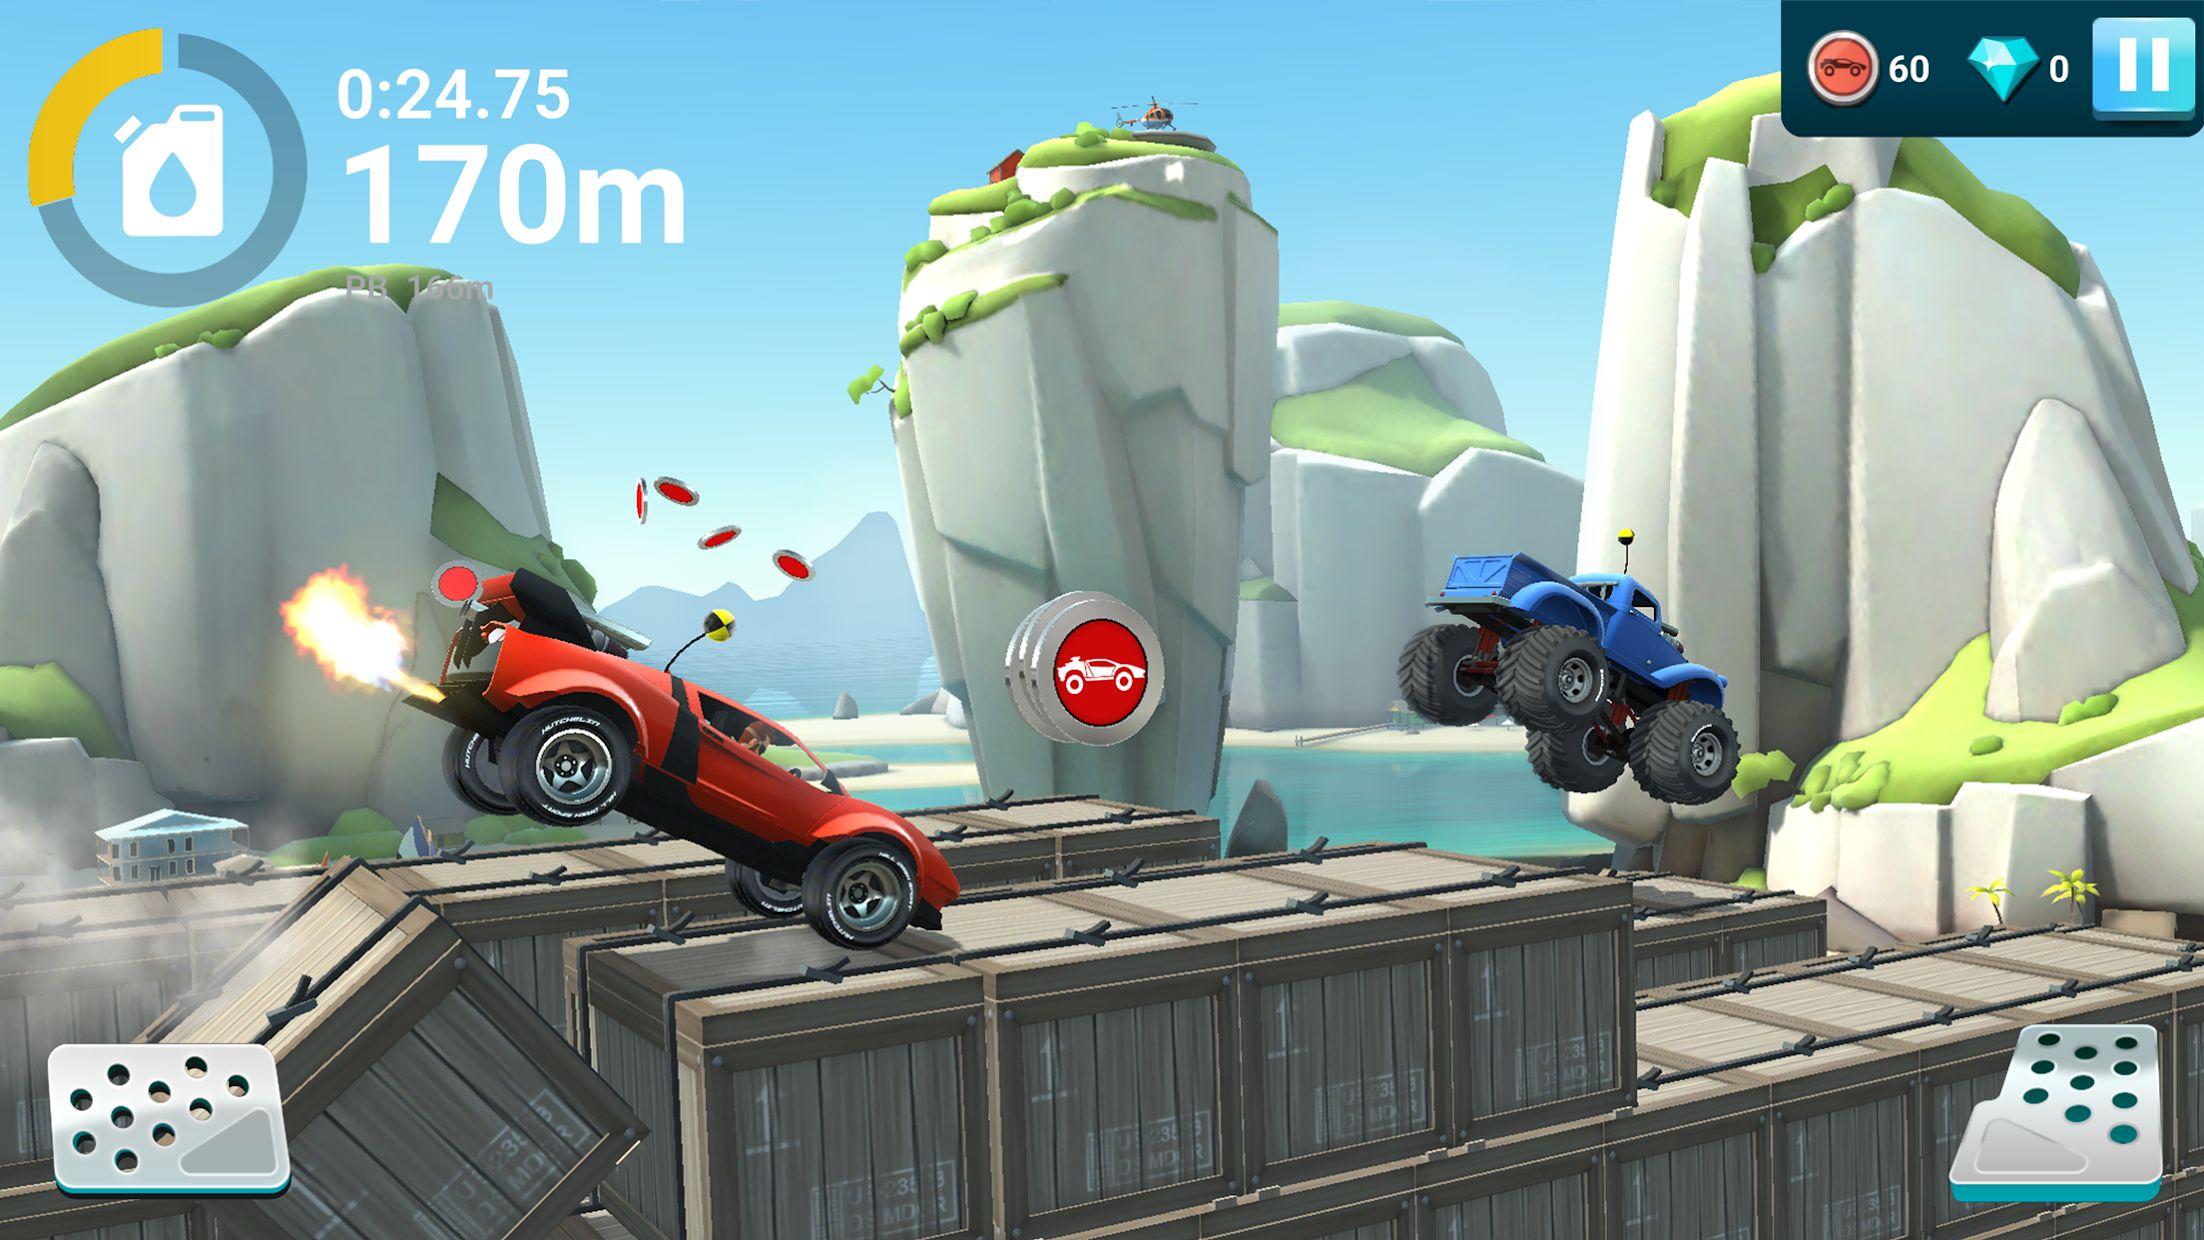 MMX 坡道狂飙 2 – 越野卡车、汽车和机车赛车 游戏截图4